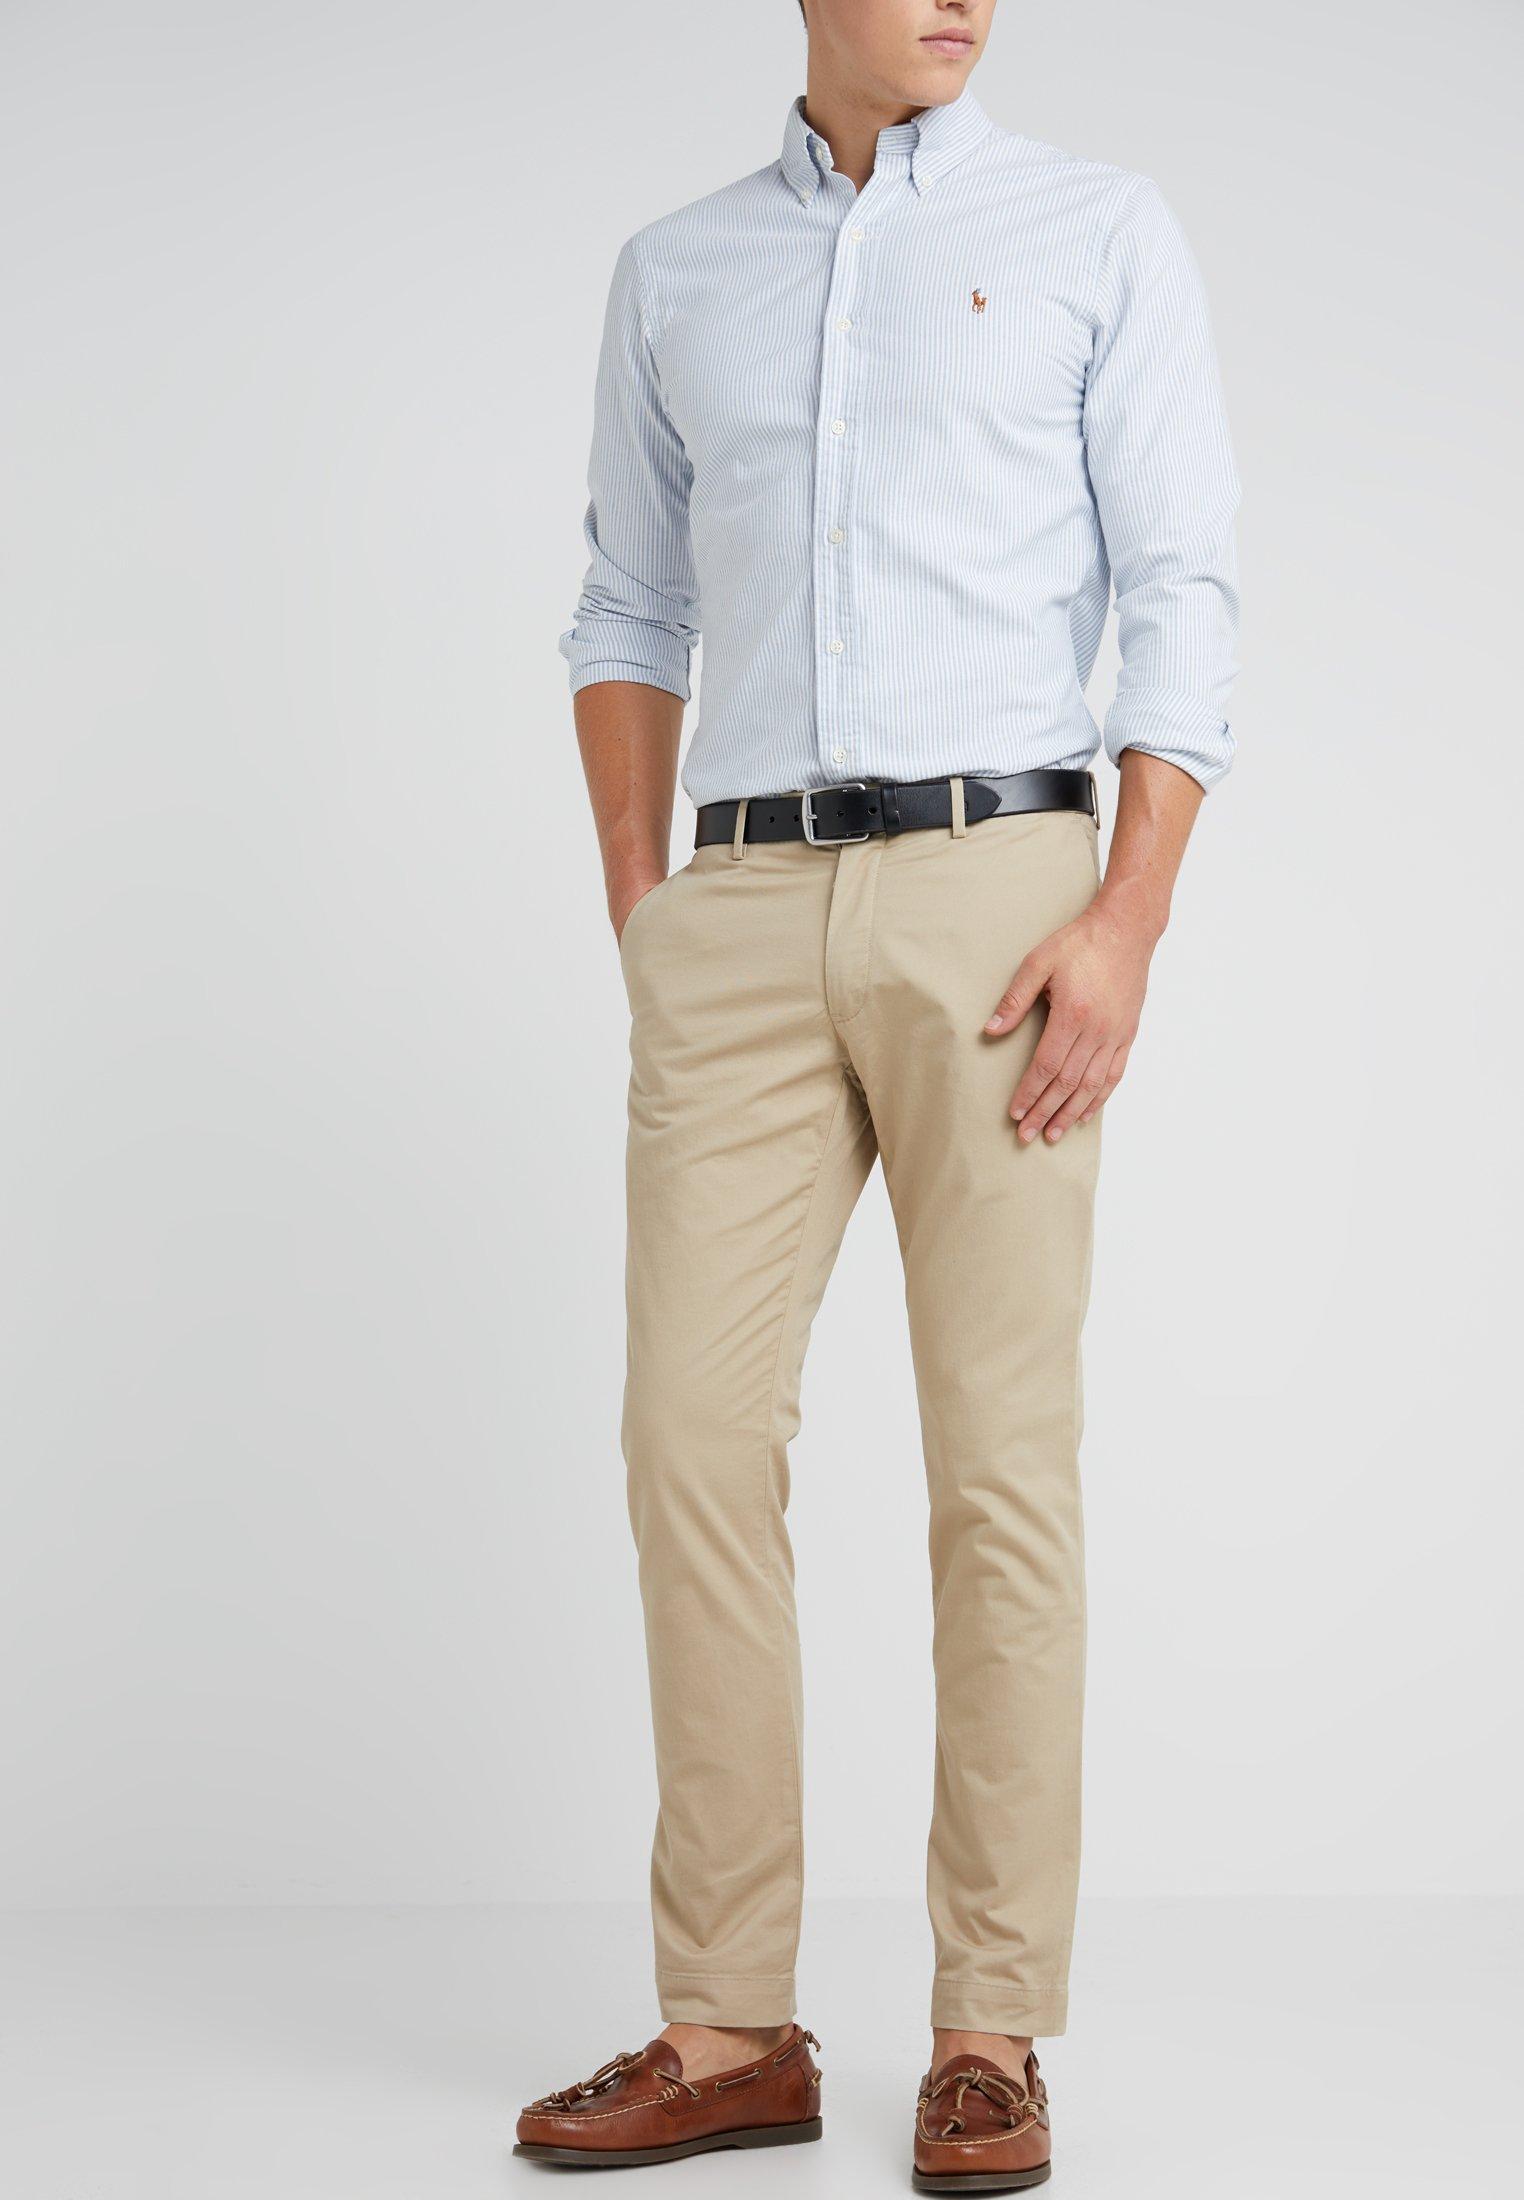 Classic Flat PantPantalon Ralph Khaki Classique Lauren Polo hxstrQdC